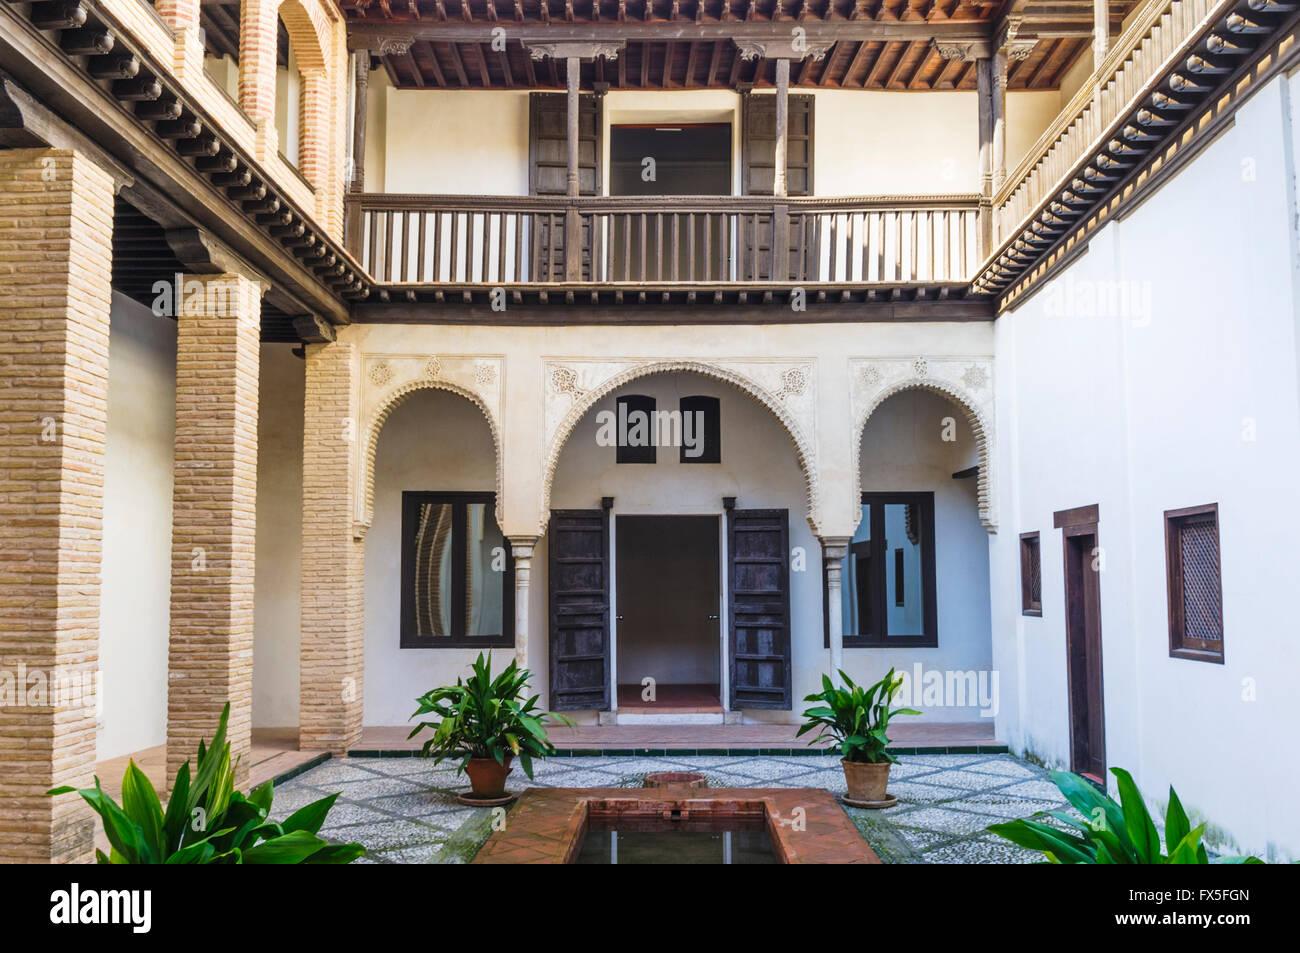 Horno de Oro mansión morisca, distrito de Albayzin, Granada, Andalucía, España Imagen De Stock